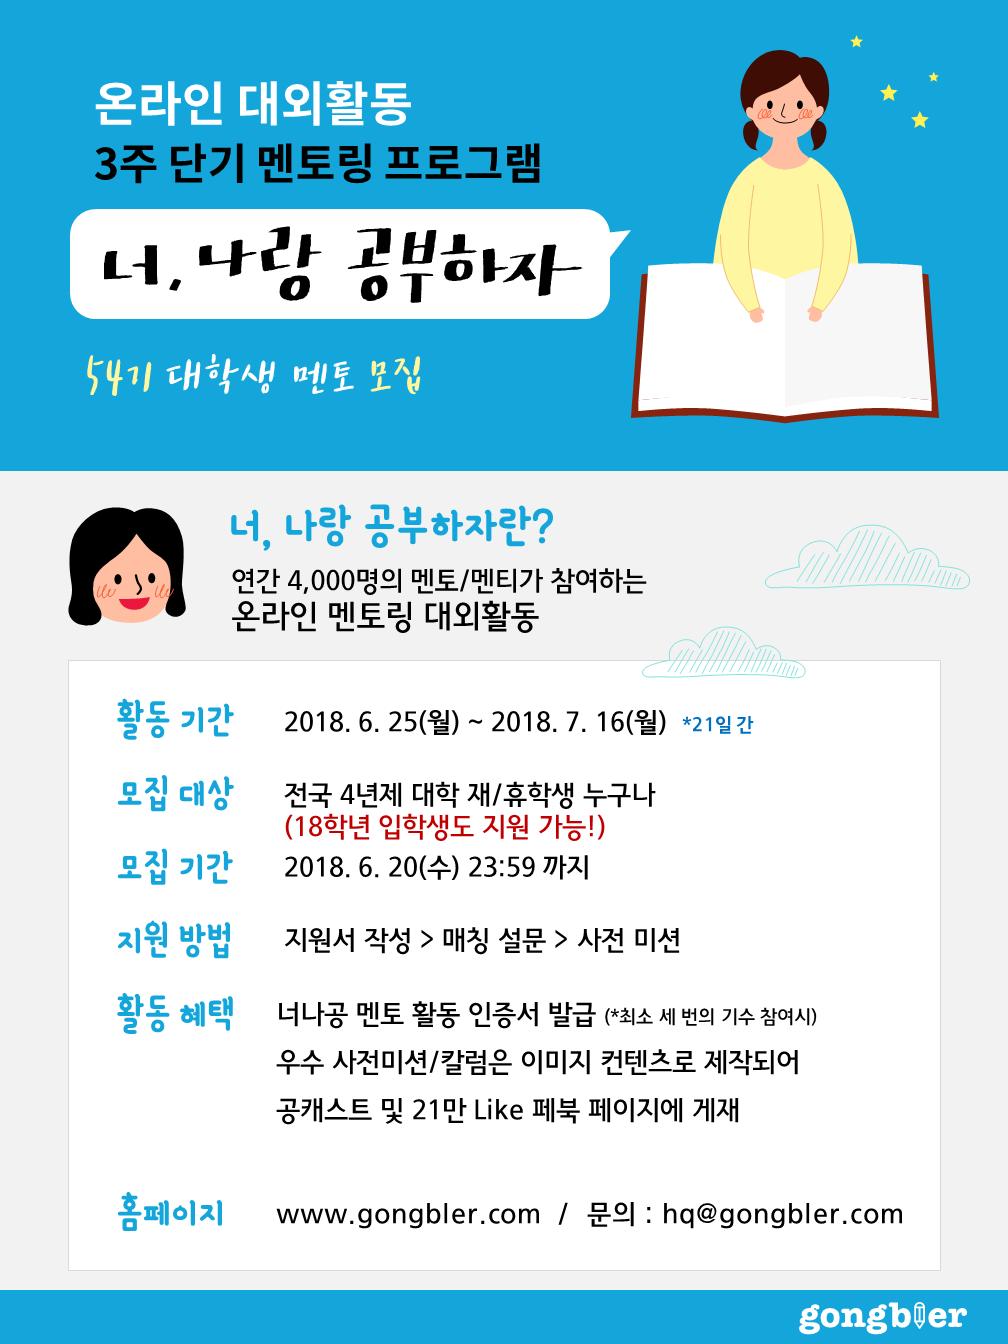 [공블러] 온라인 대학생 멘토링 대외활동 너나공 54기 모집(~6/20)